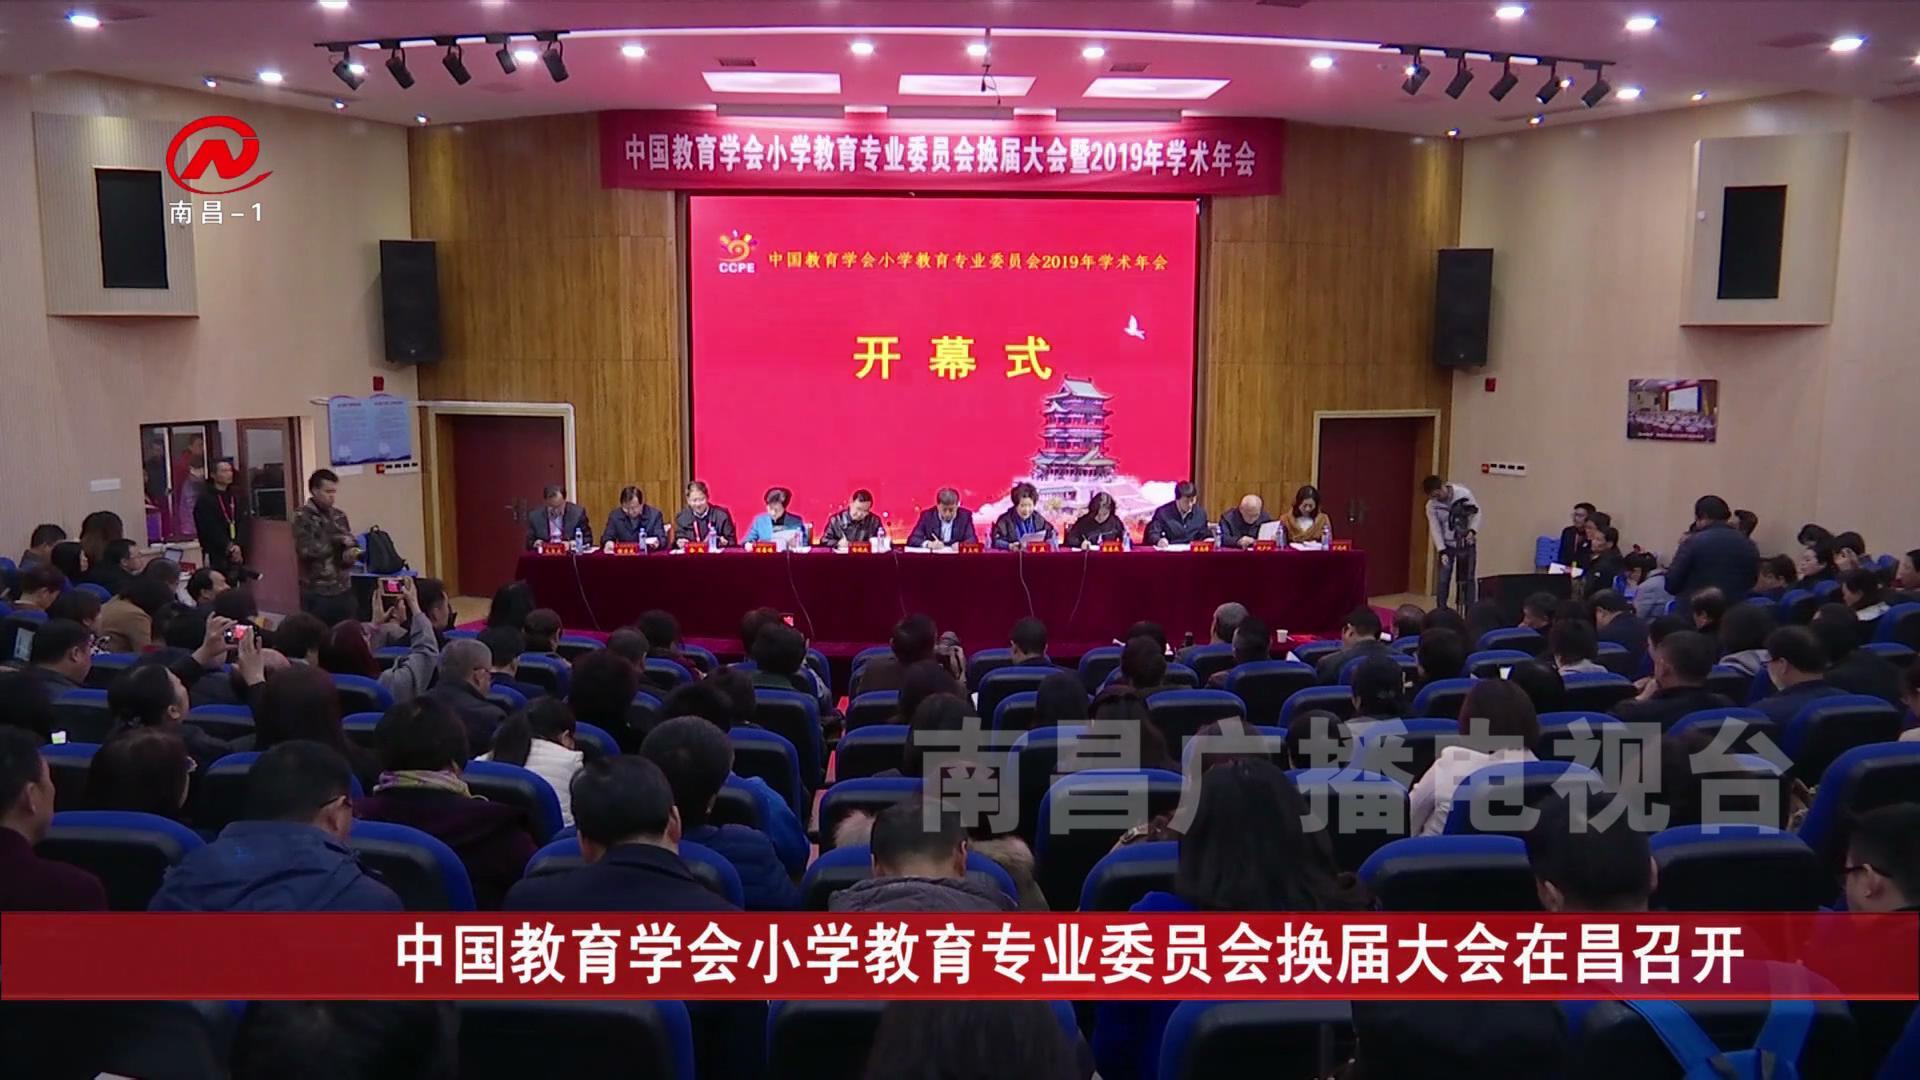 中國教育學會小學教育專業委員會換屆大會在昌召開